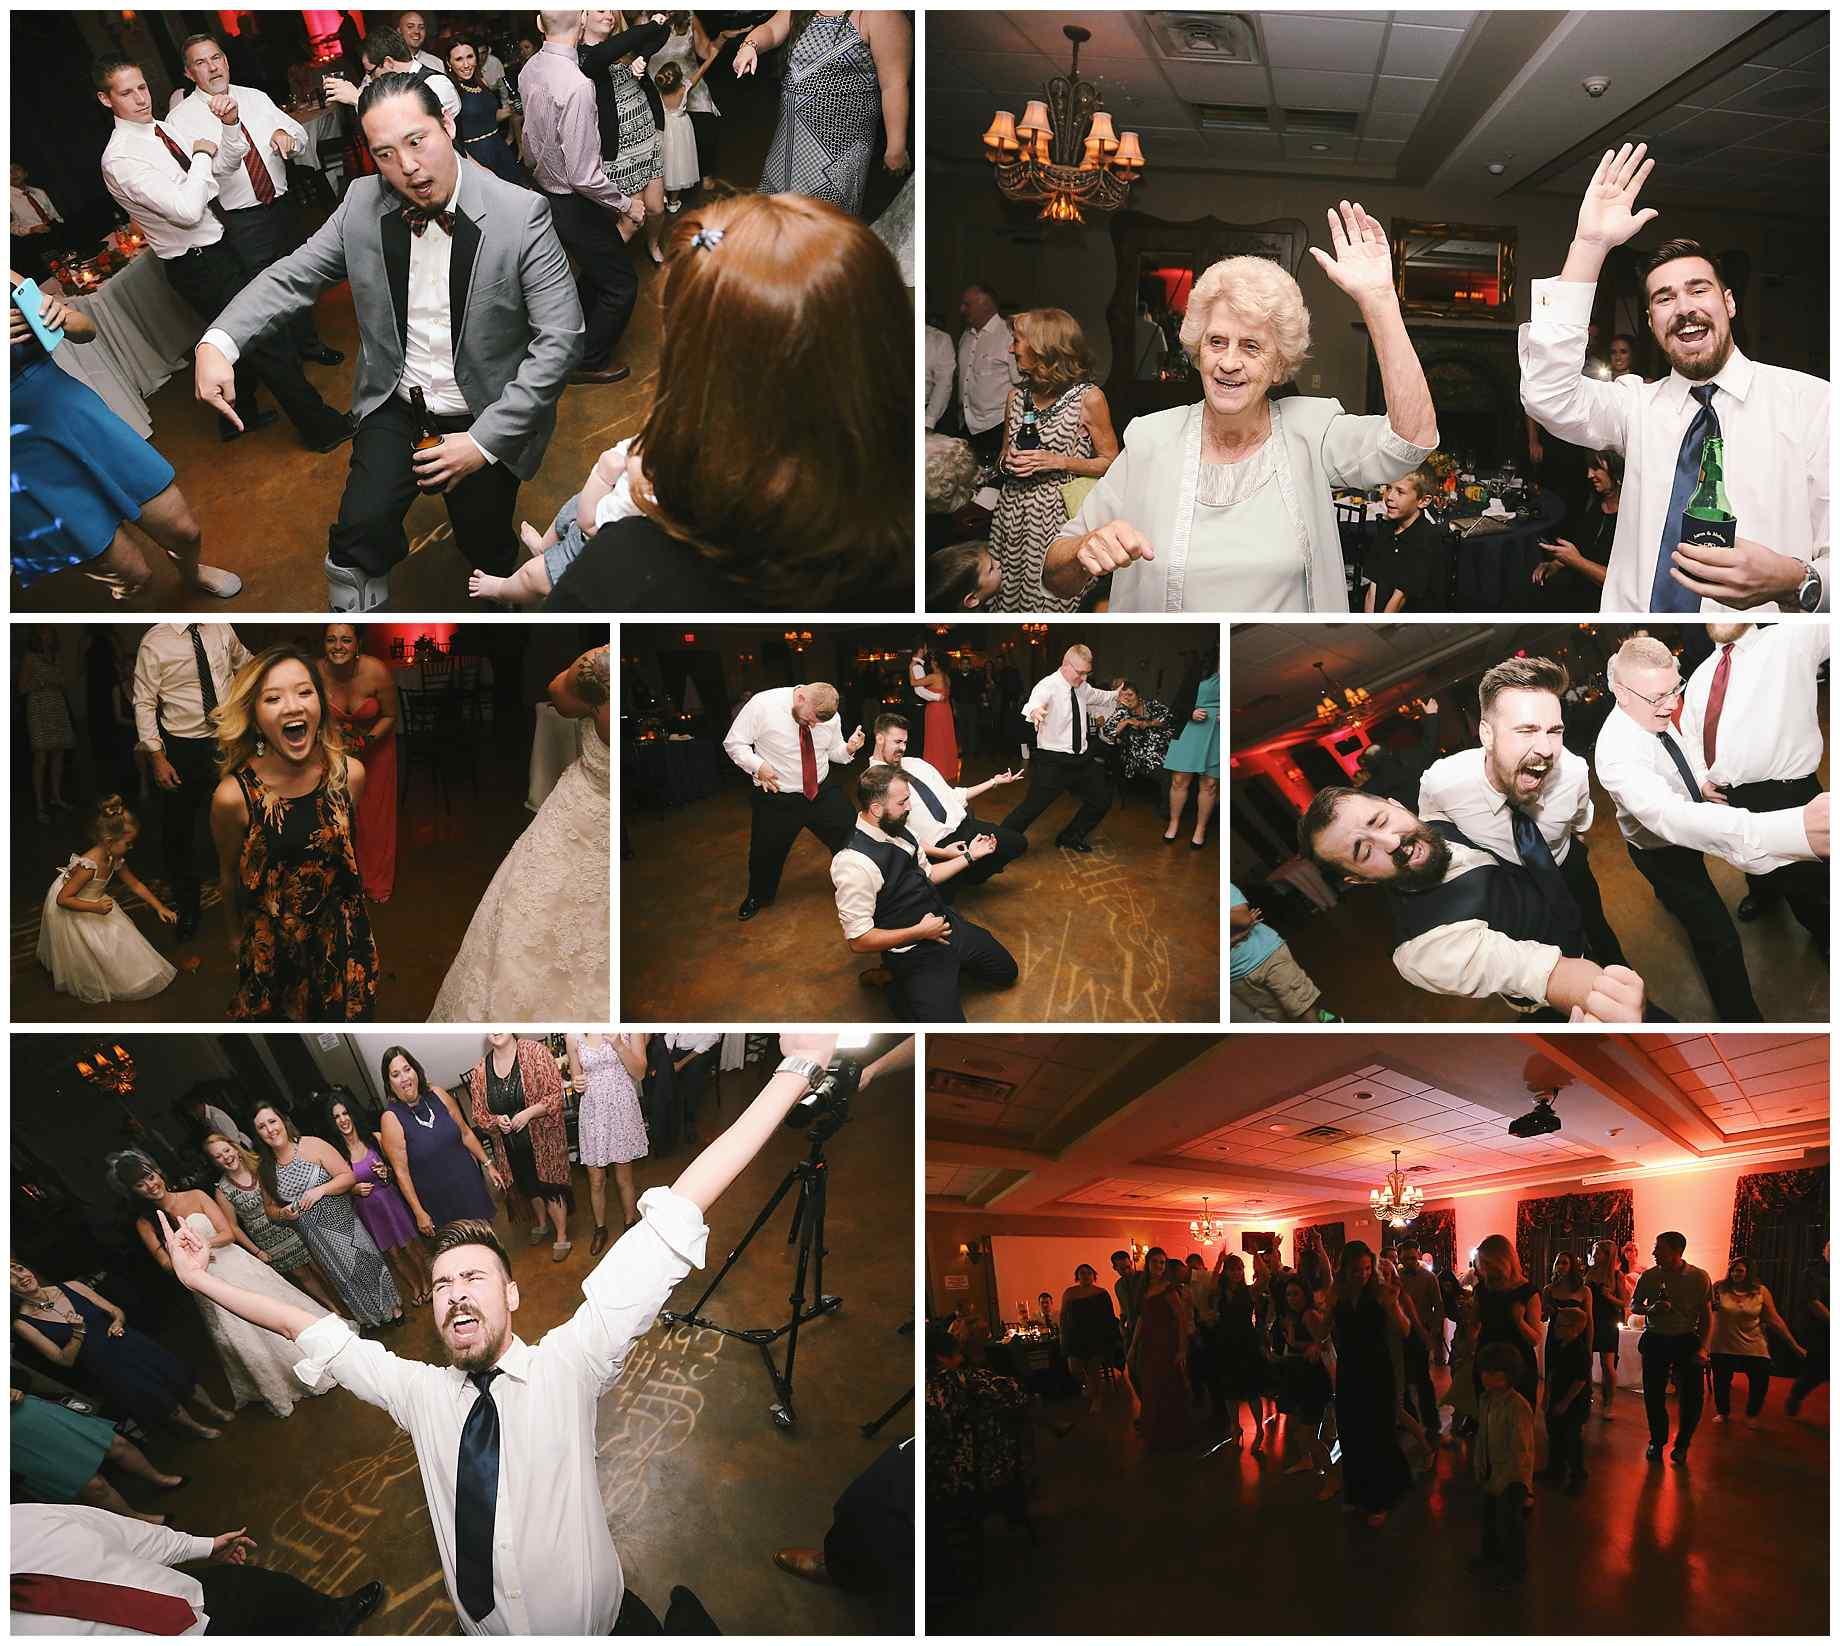 Le-Beaux-Chateau-wedding-photos-034